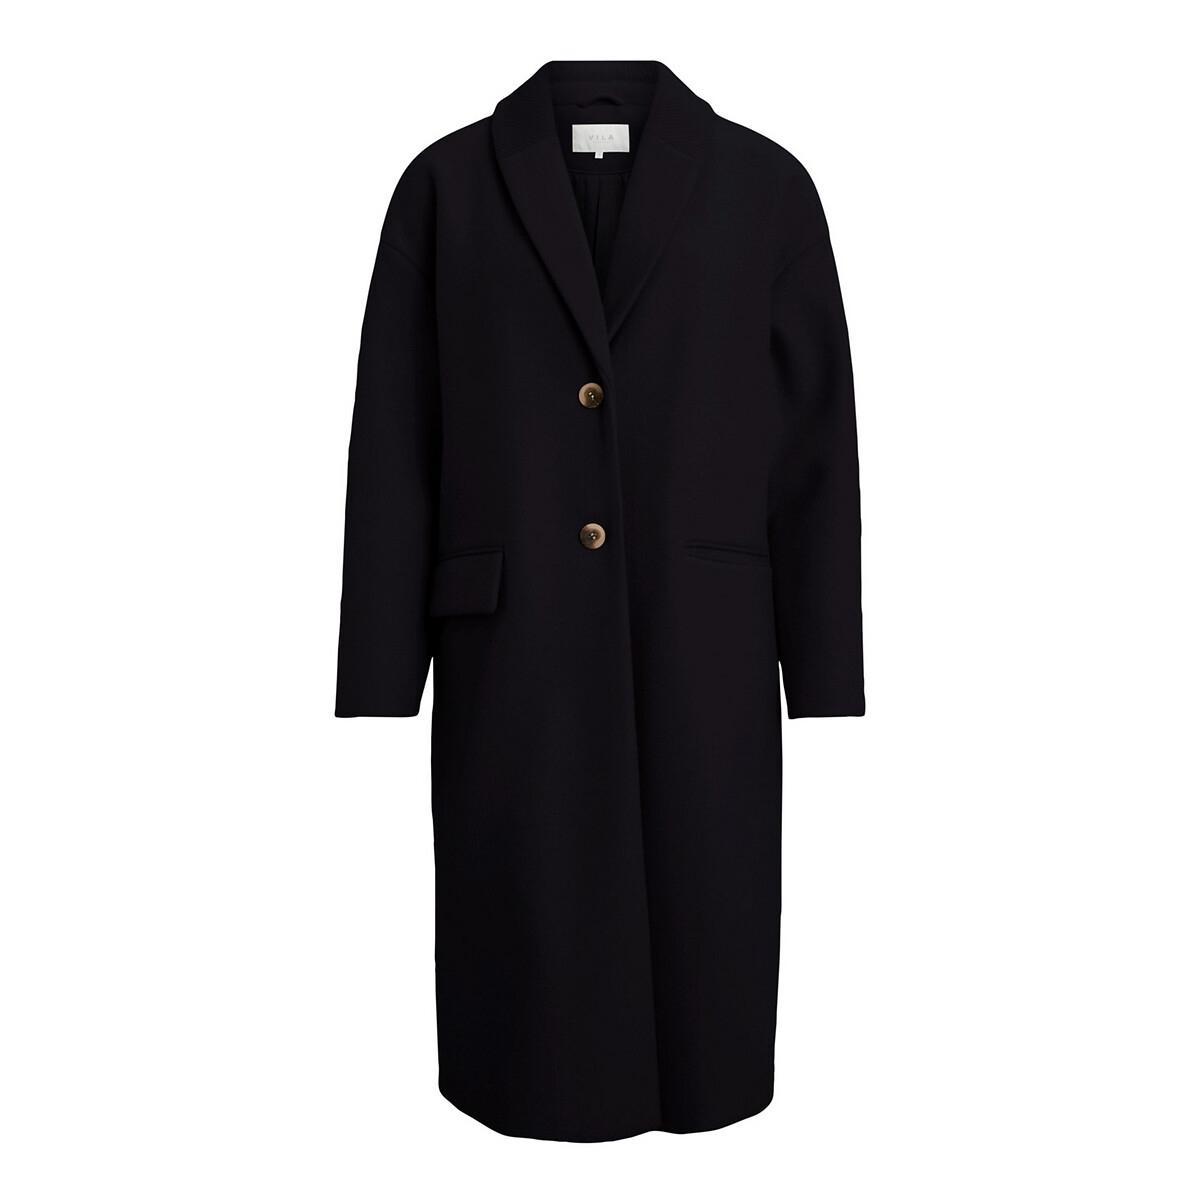 Пальто LaRedoute Прямое удлиненное на пуговицах 40 (FR) - 46 (RUS) черный платье la redoute прямое с рукавами 34 fr 40 rus черный